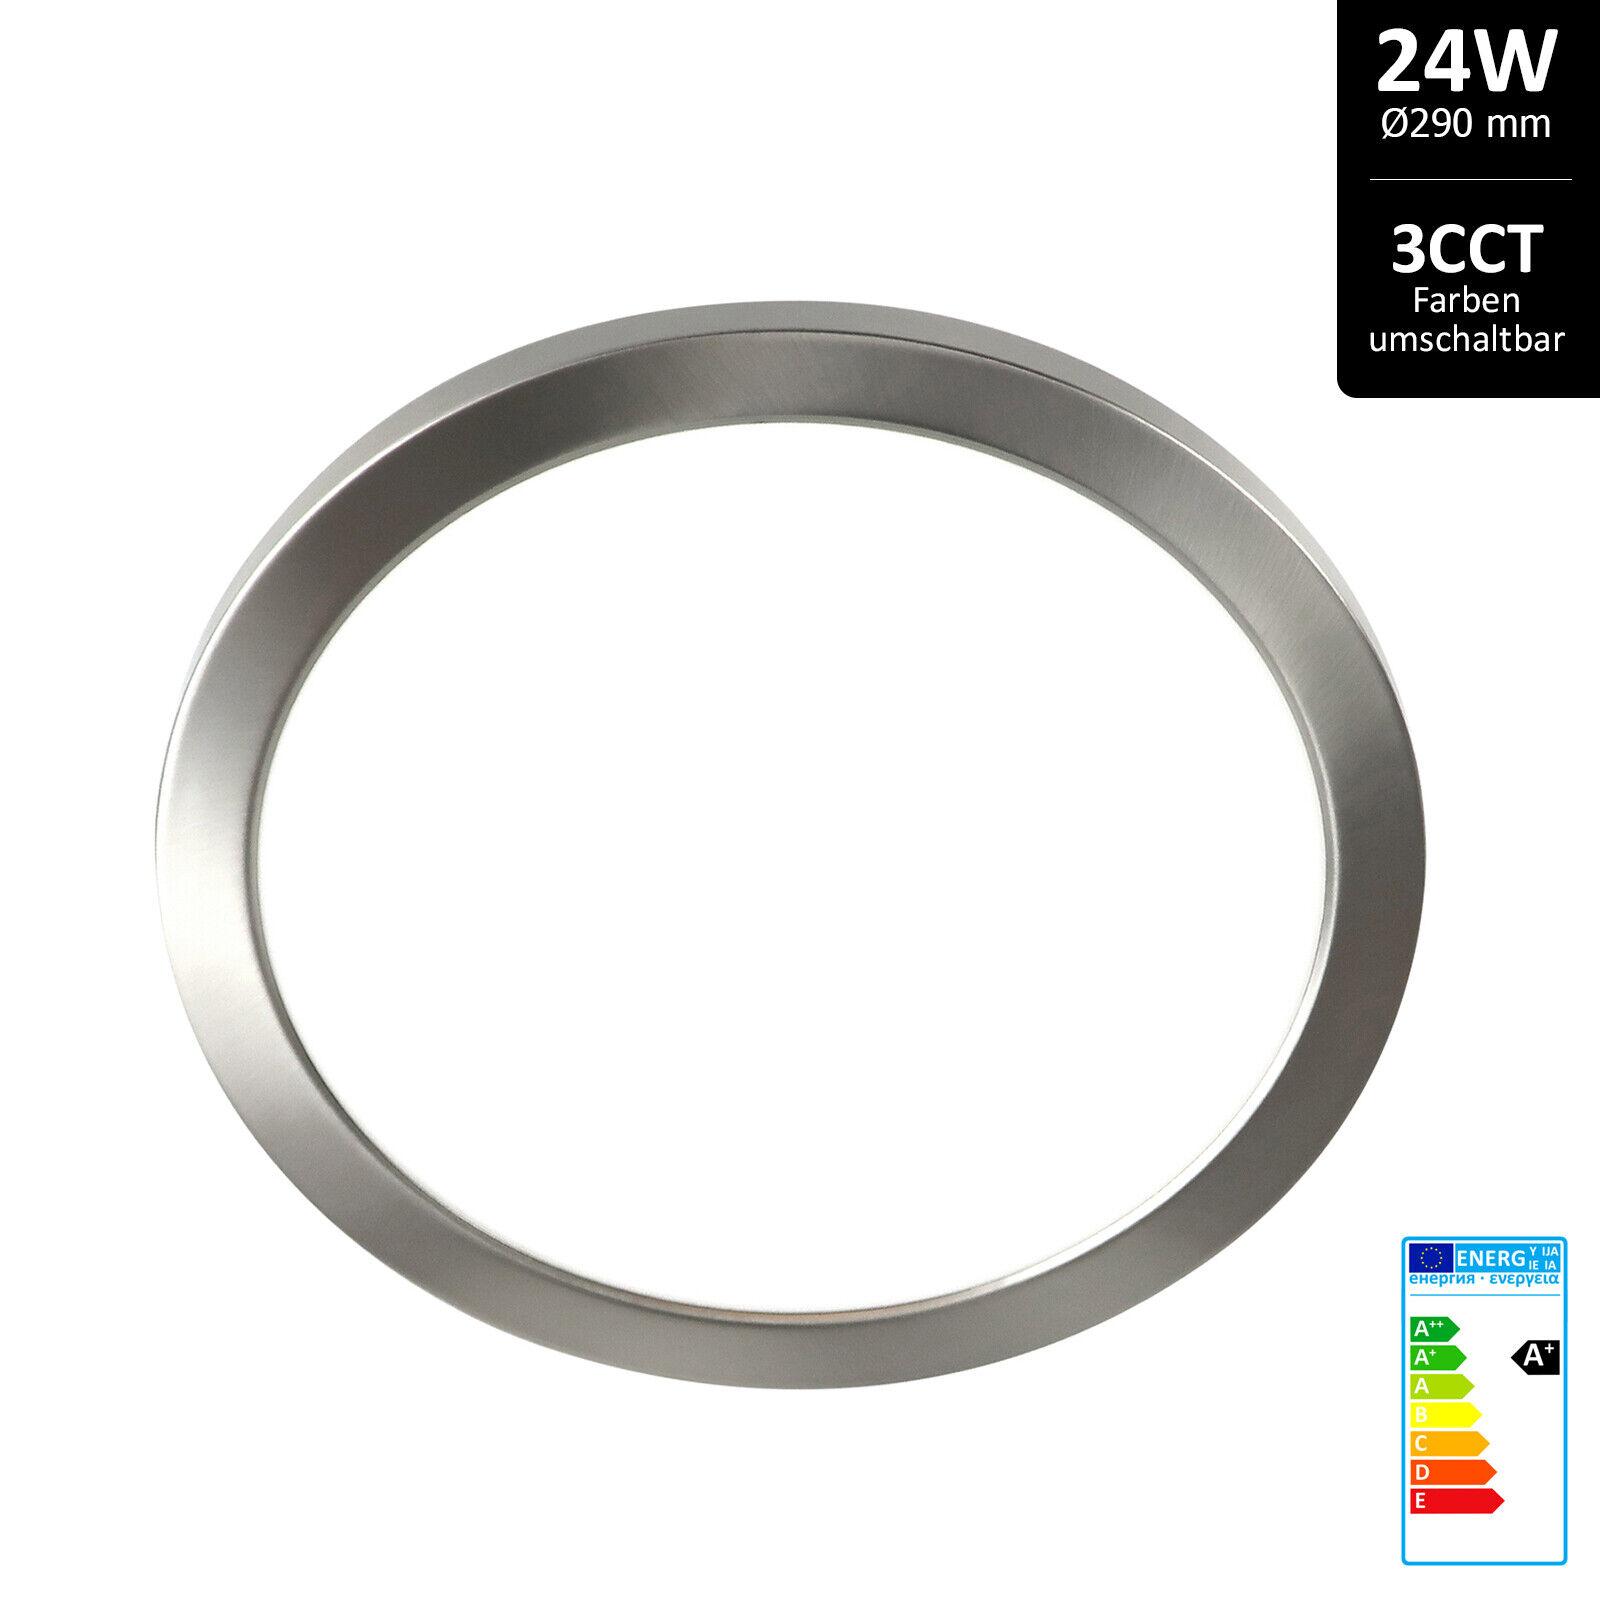 LED Deckenlampe dimmbar rund 24W Farben umschaltbar mit Farbring Nickel matt